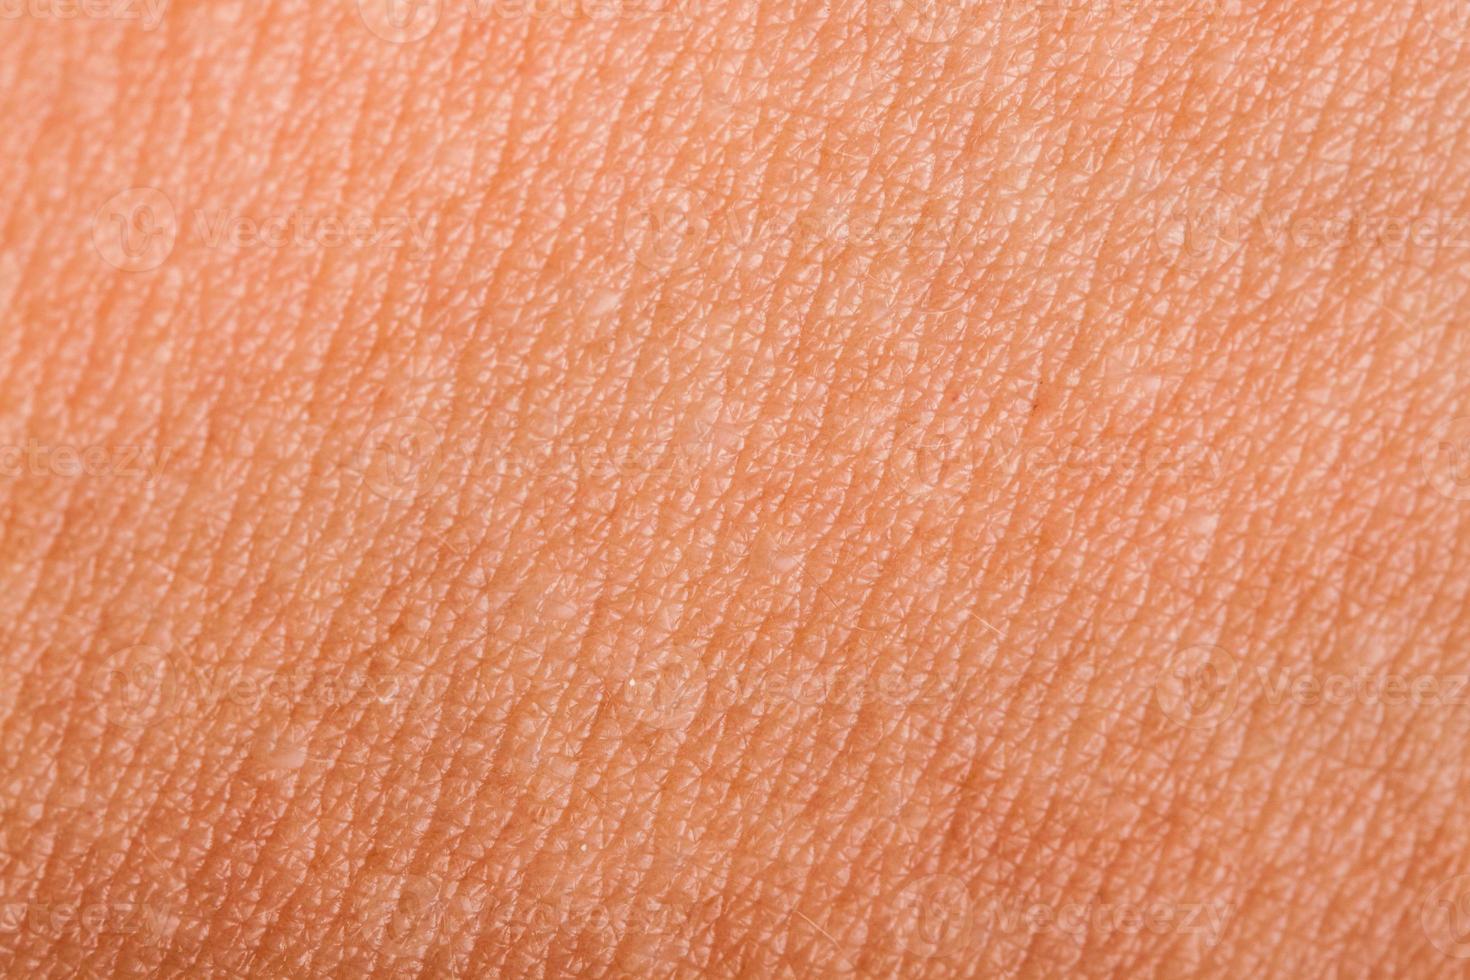 piel humana de cerca foto